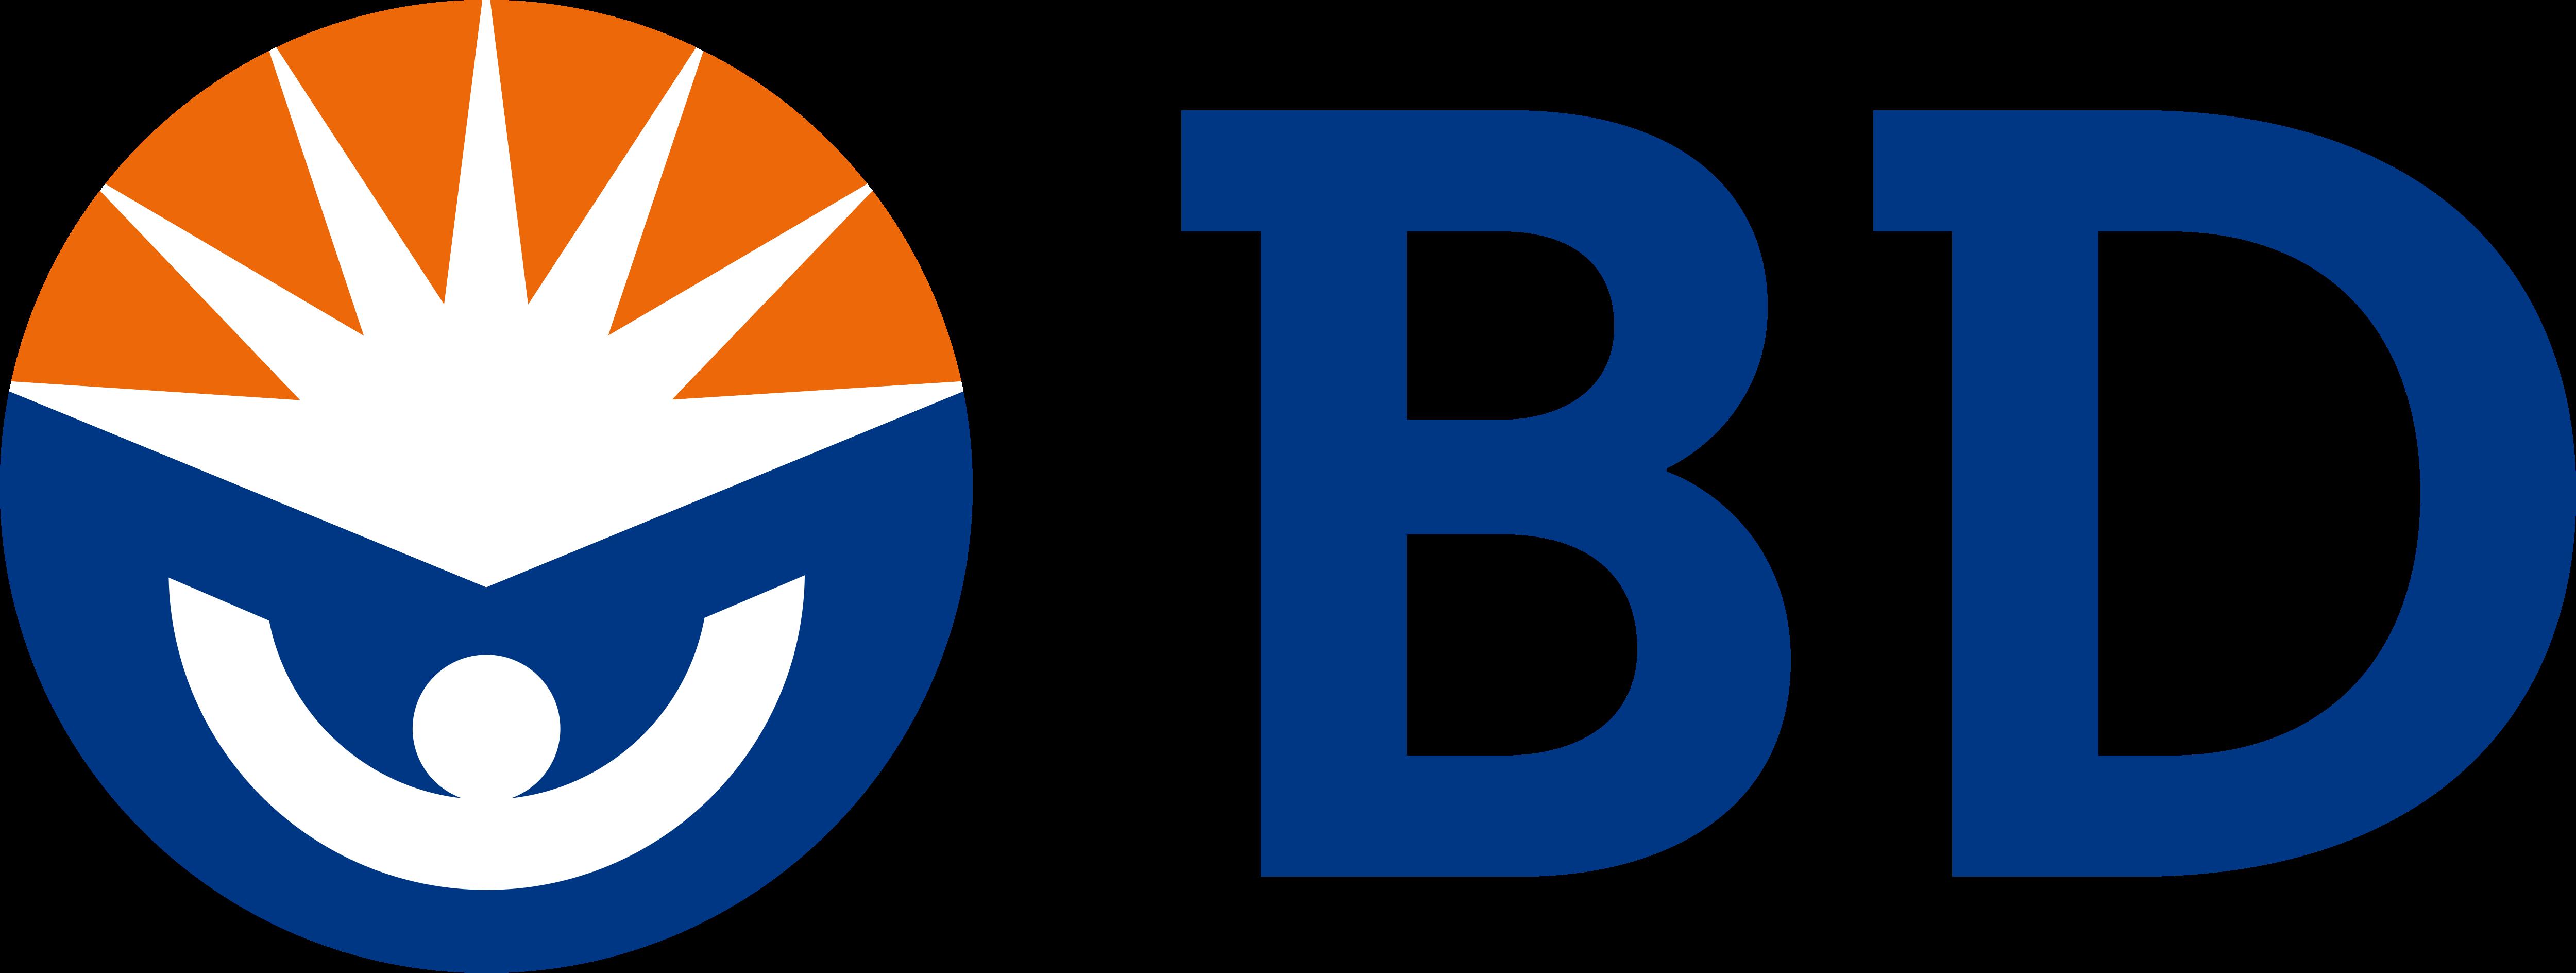 BD Becton Dickinson